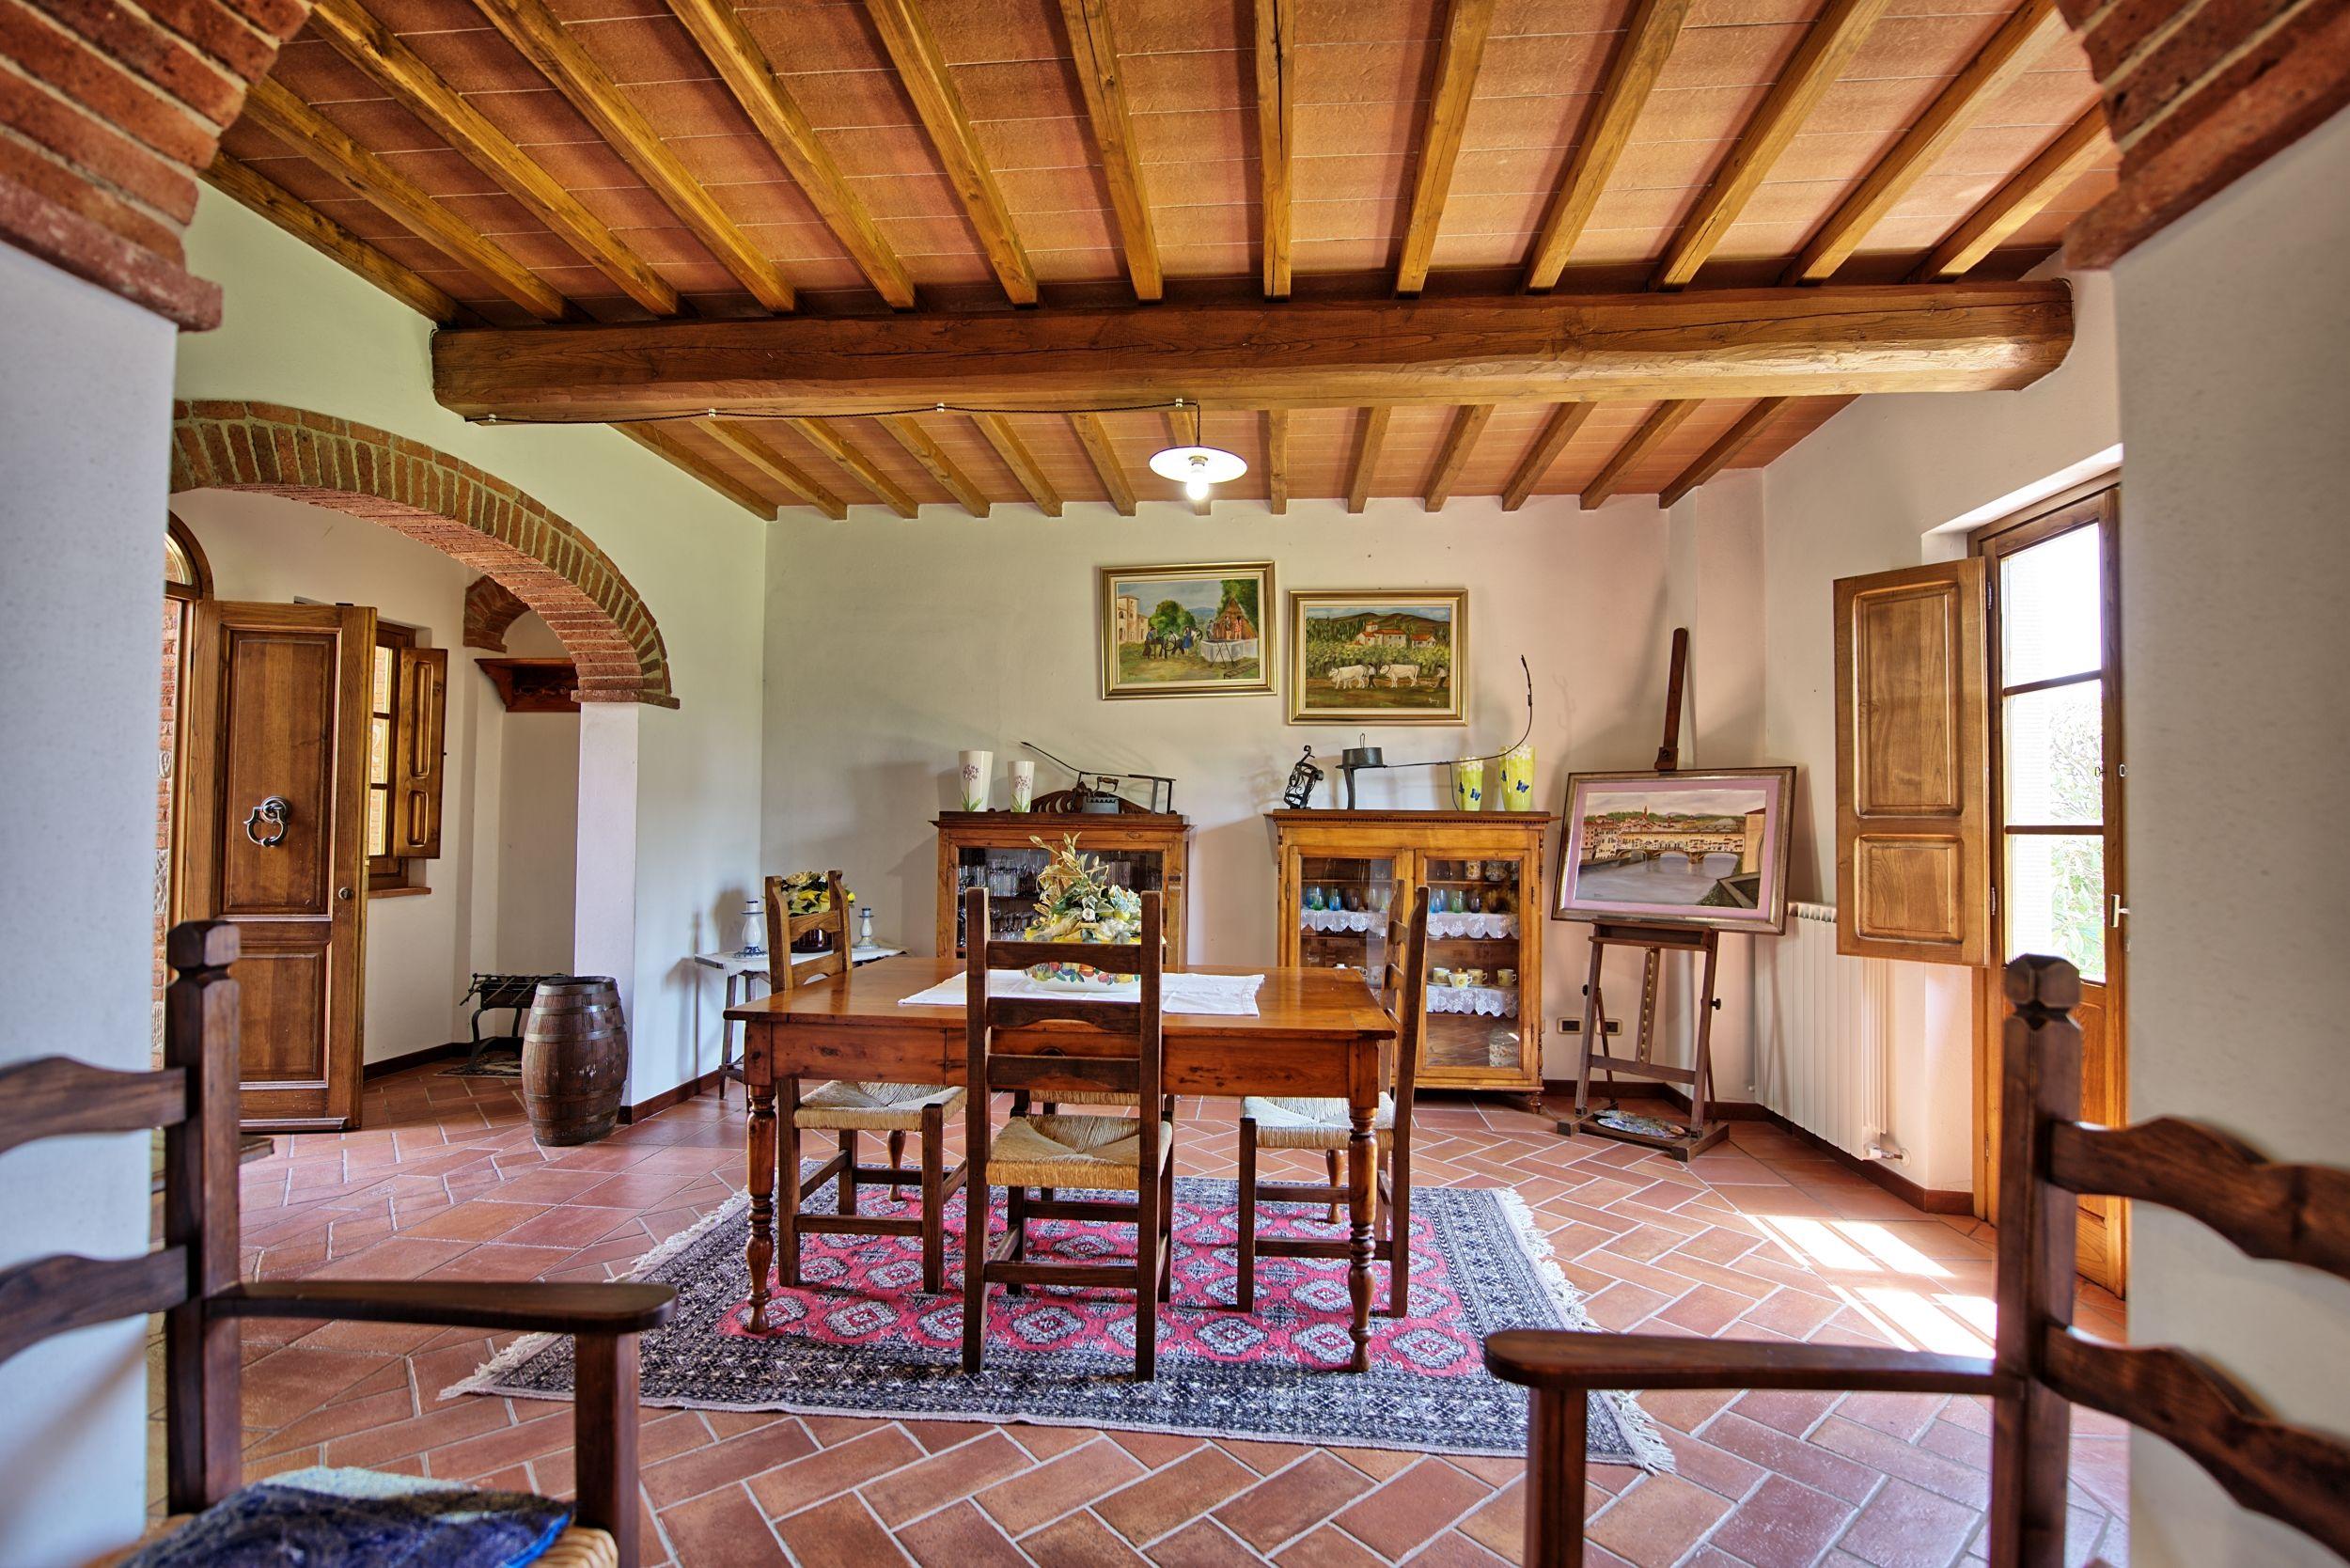 Villa Poggetta